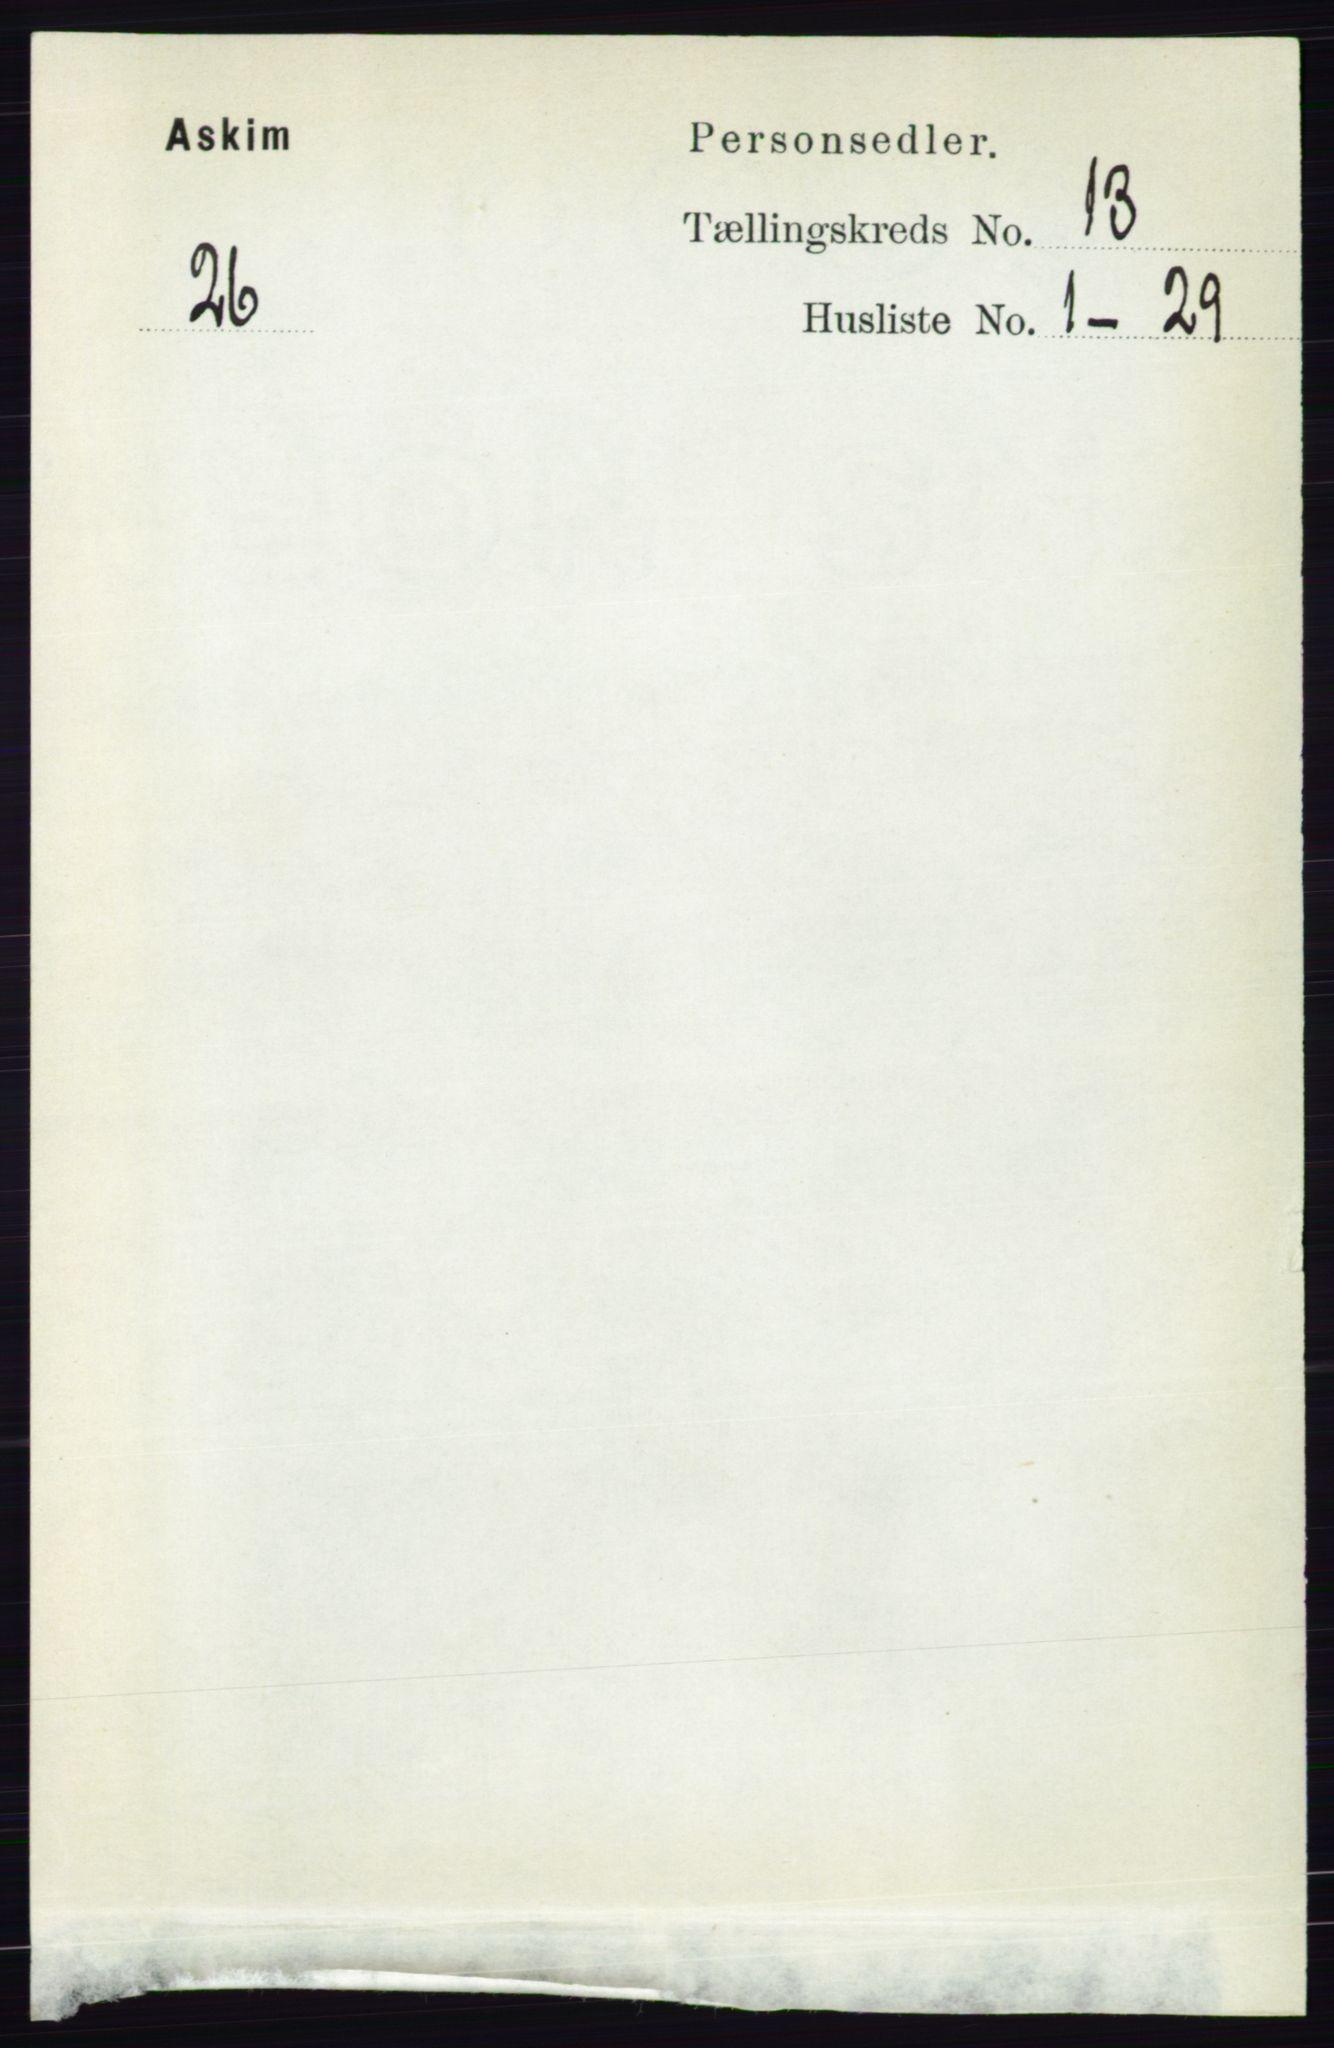 RA, Folketelling 1891 for 0124 Askim herred, 1891, s. 2041